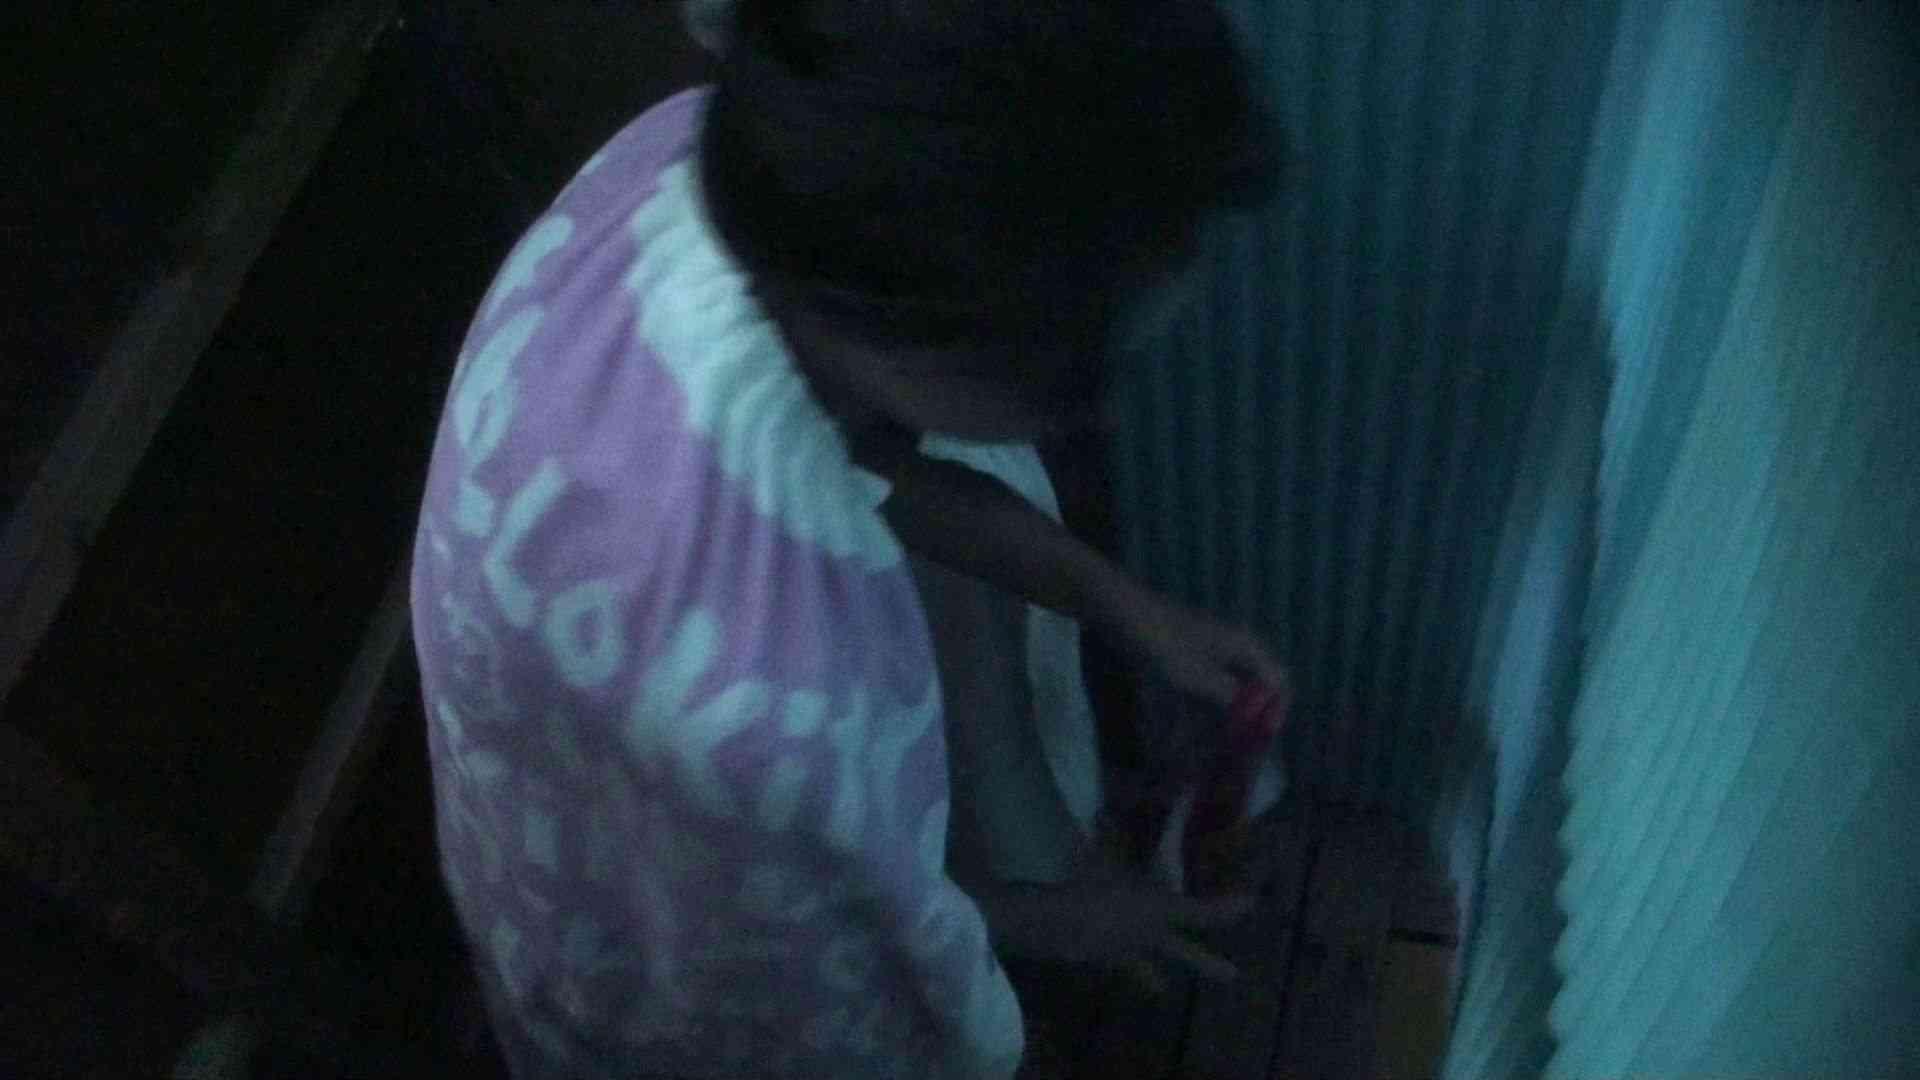 シャワールームは超!!危険な香りVol.26 大学生風美形ギャル 暗さが残念! 脱衣所の着替え 女性器鑑賞 95画像 63